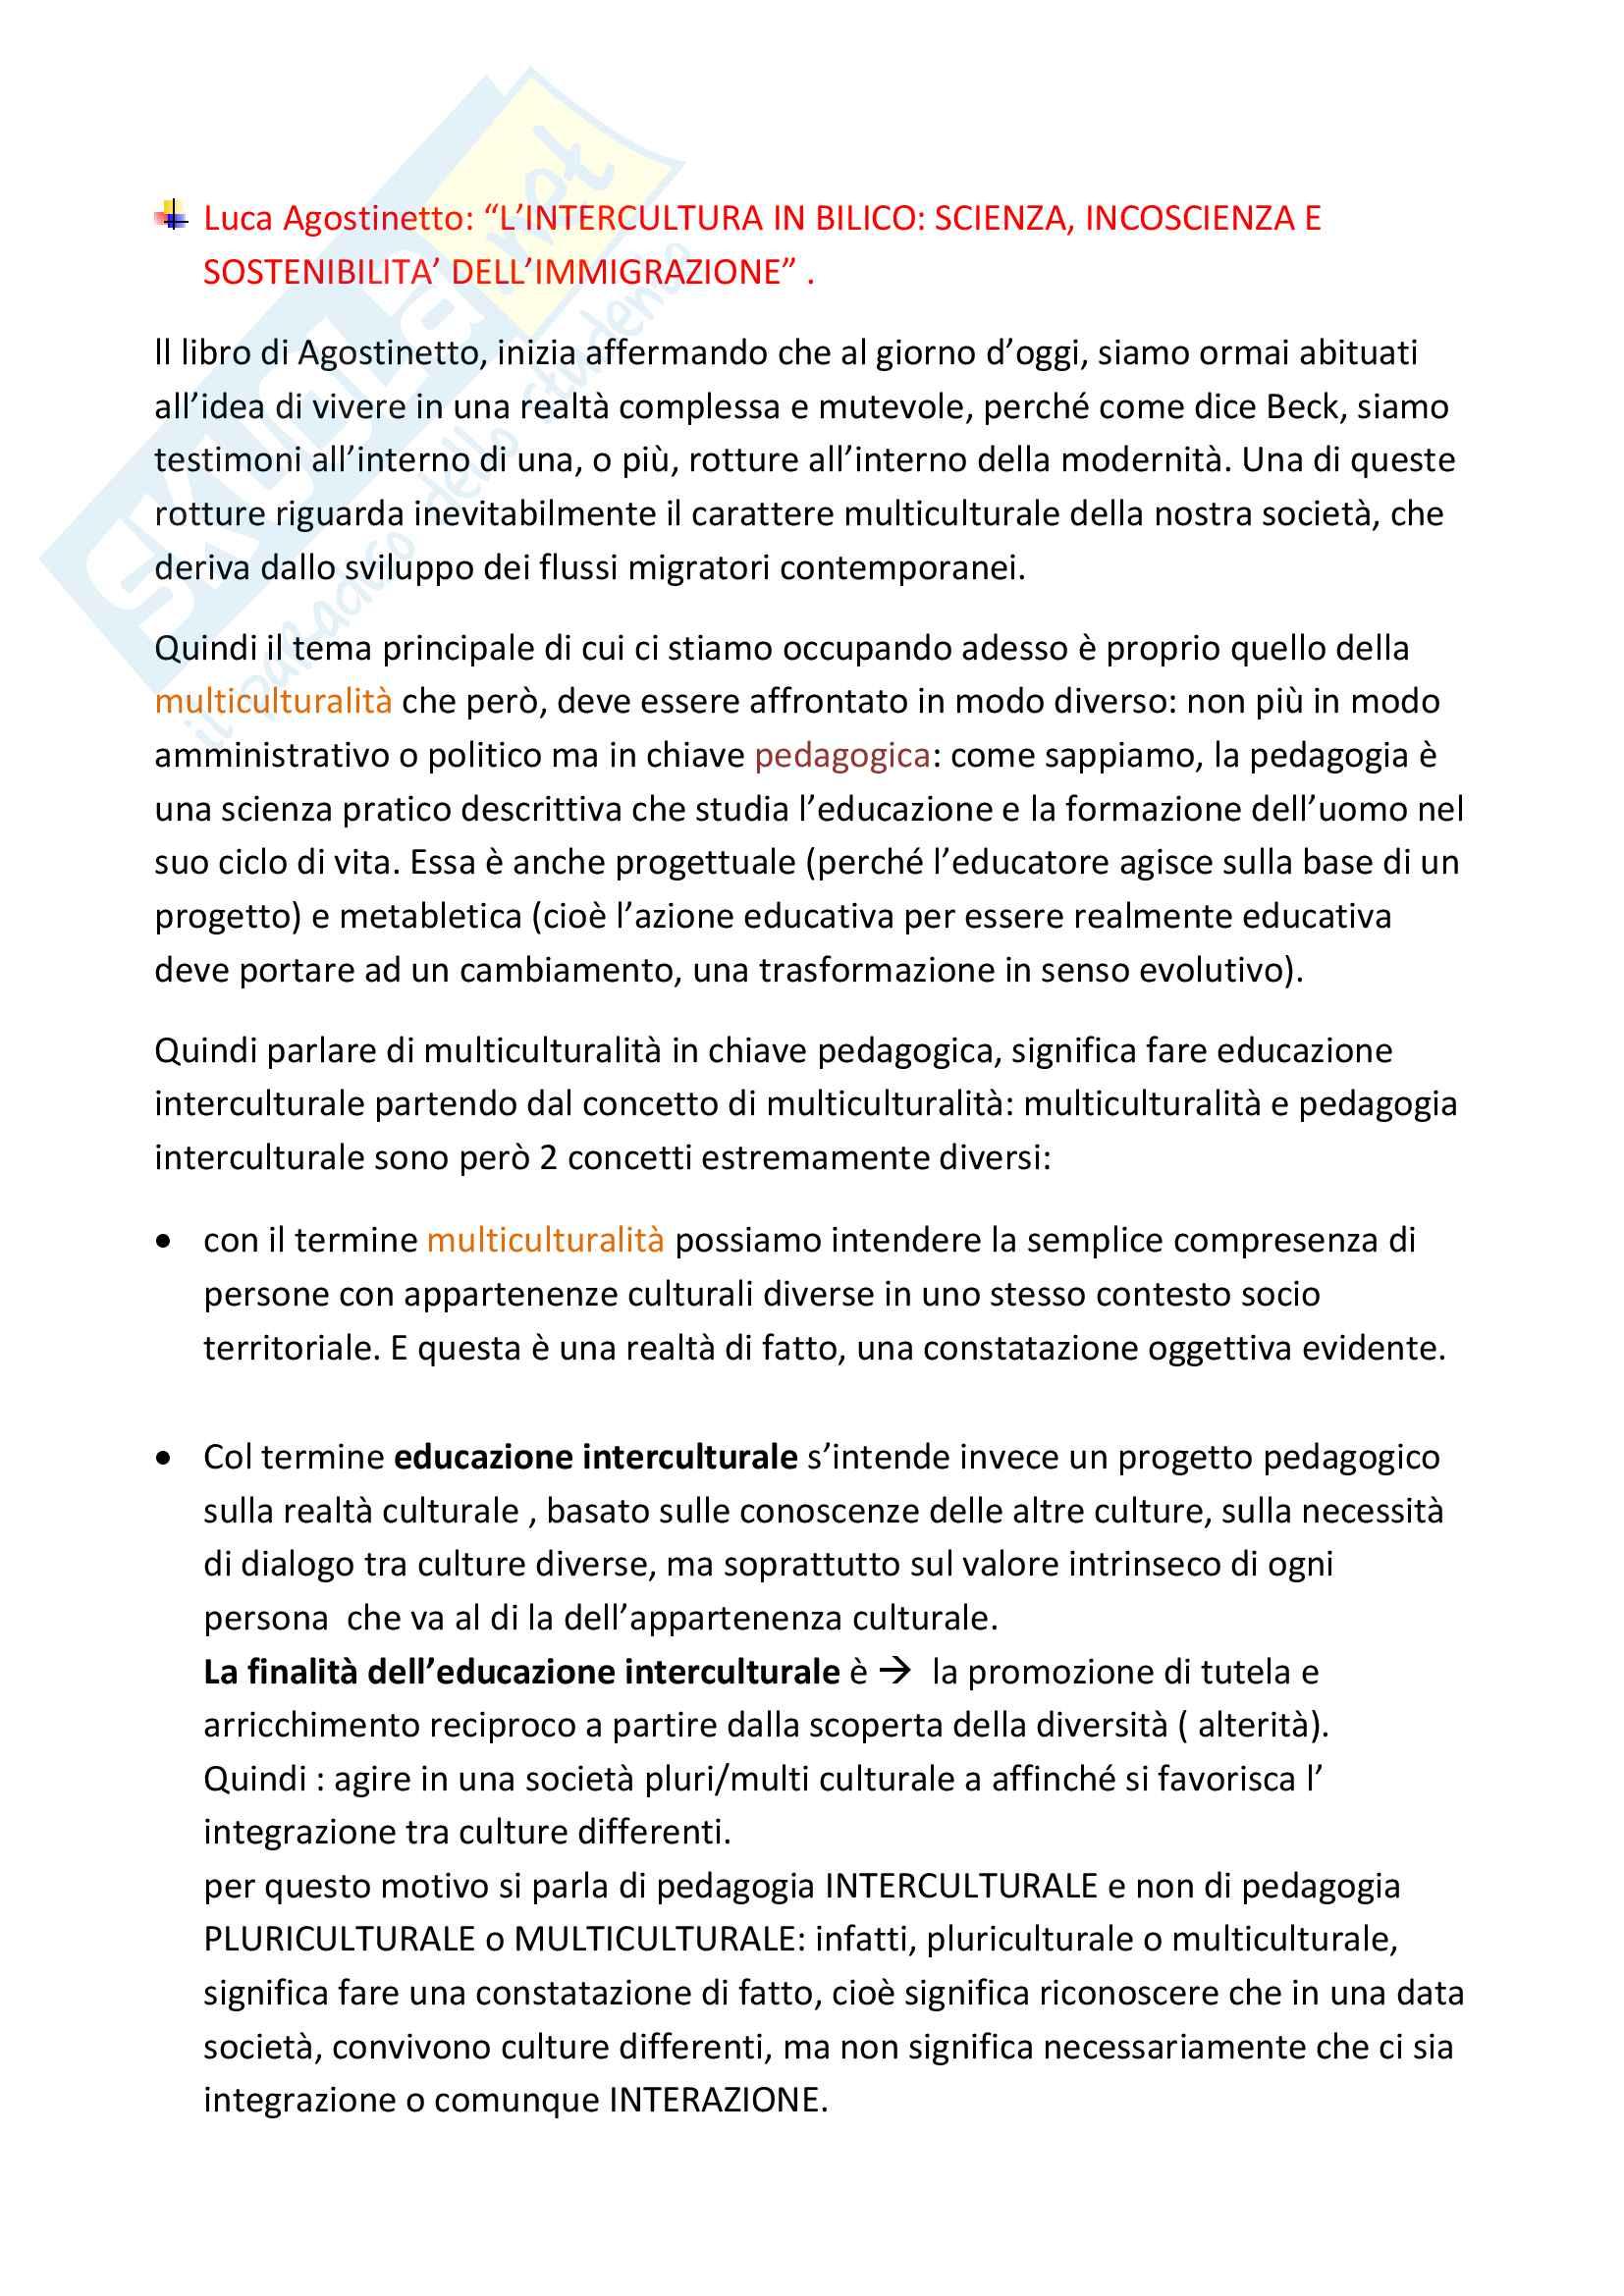 """Riassunto esame Pedagogia Interculturale, Prof. Luca Agostinetto, Libro consigliato """" l'intercultura in bilico:scienza,incoscienza e sostenibilità dell'immigrazione"""", Agostinetto"""